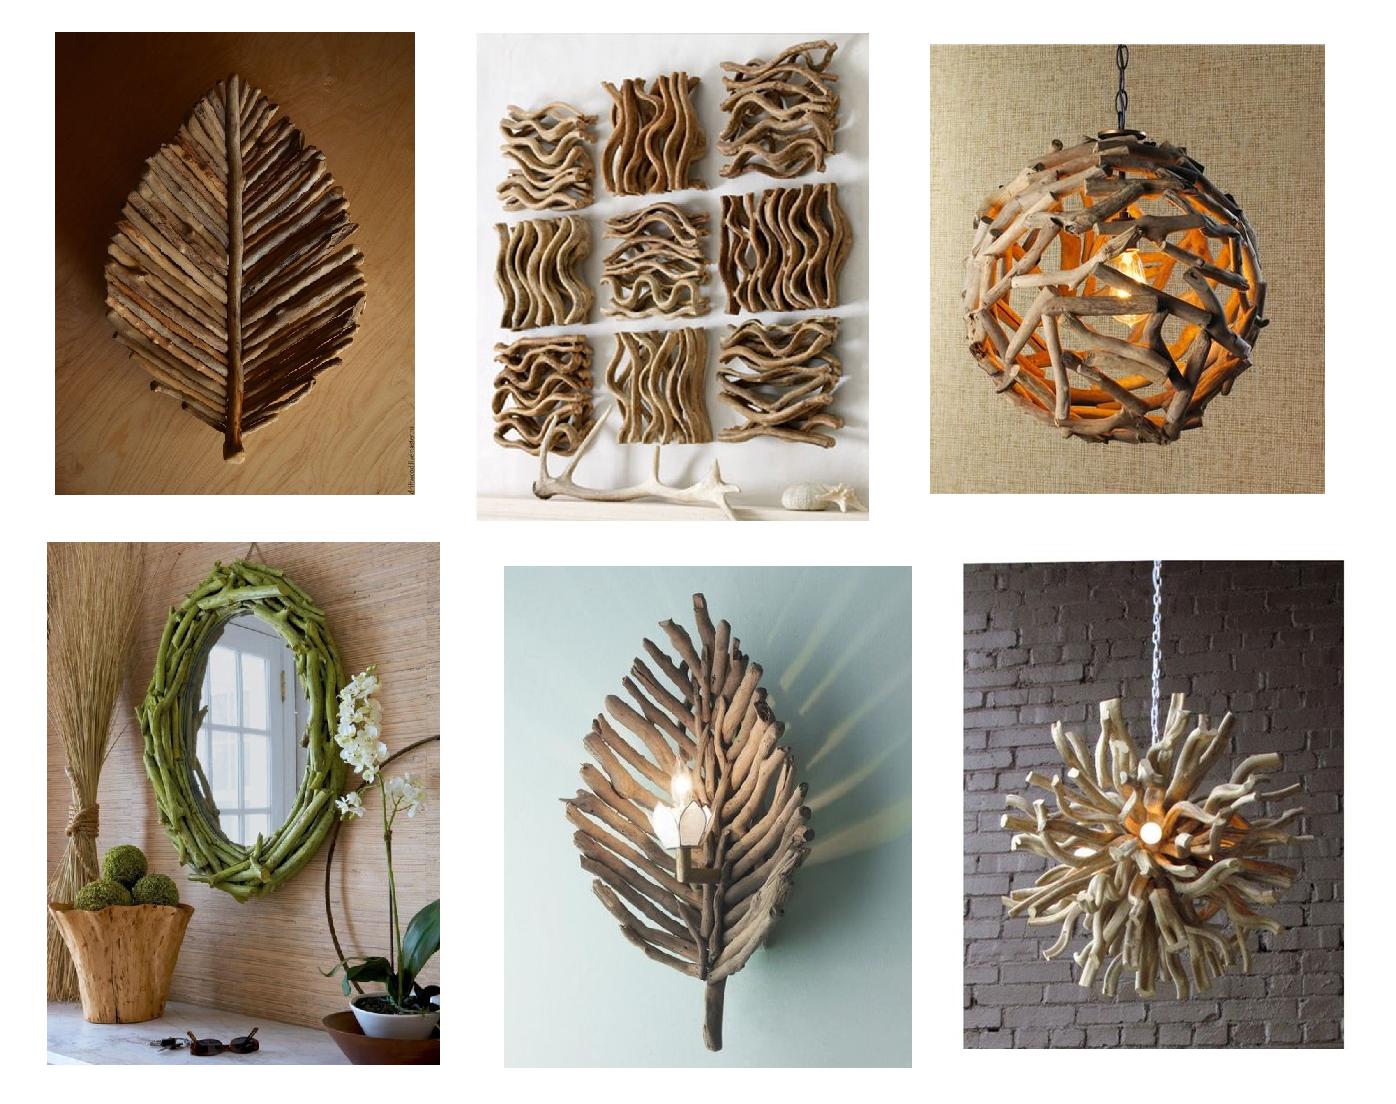 Фото идеи использования веток и коряг, чтобы по-новому взглянуть на старую древесину: